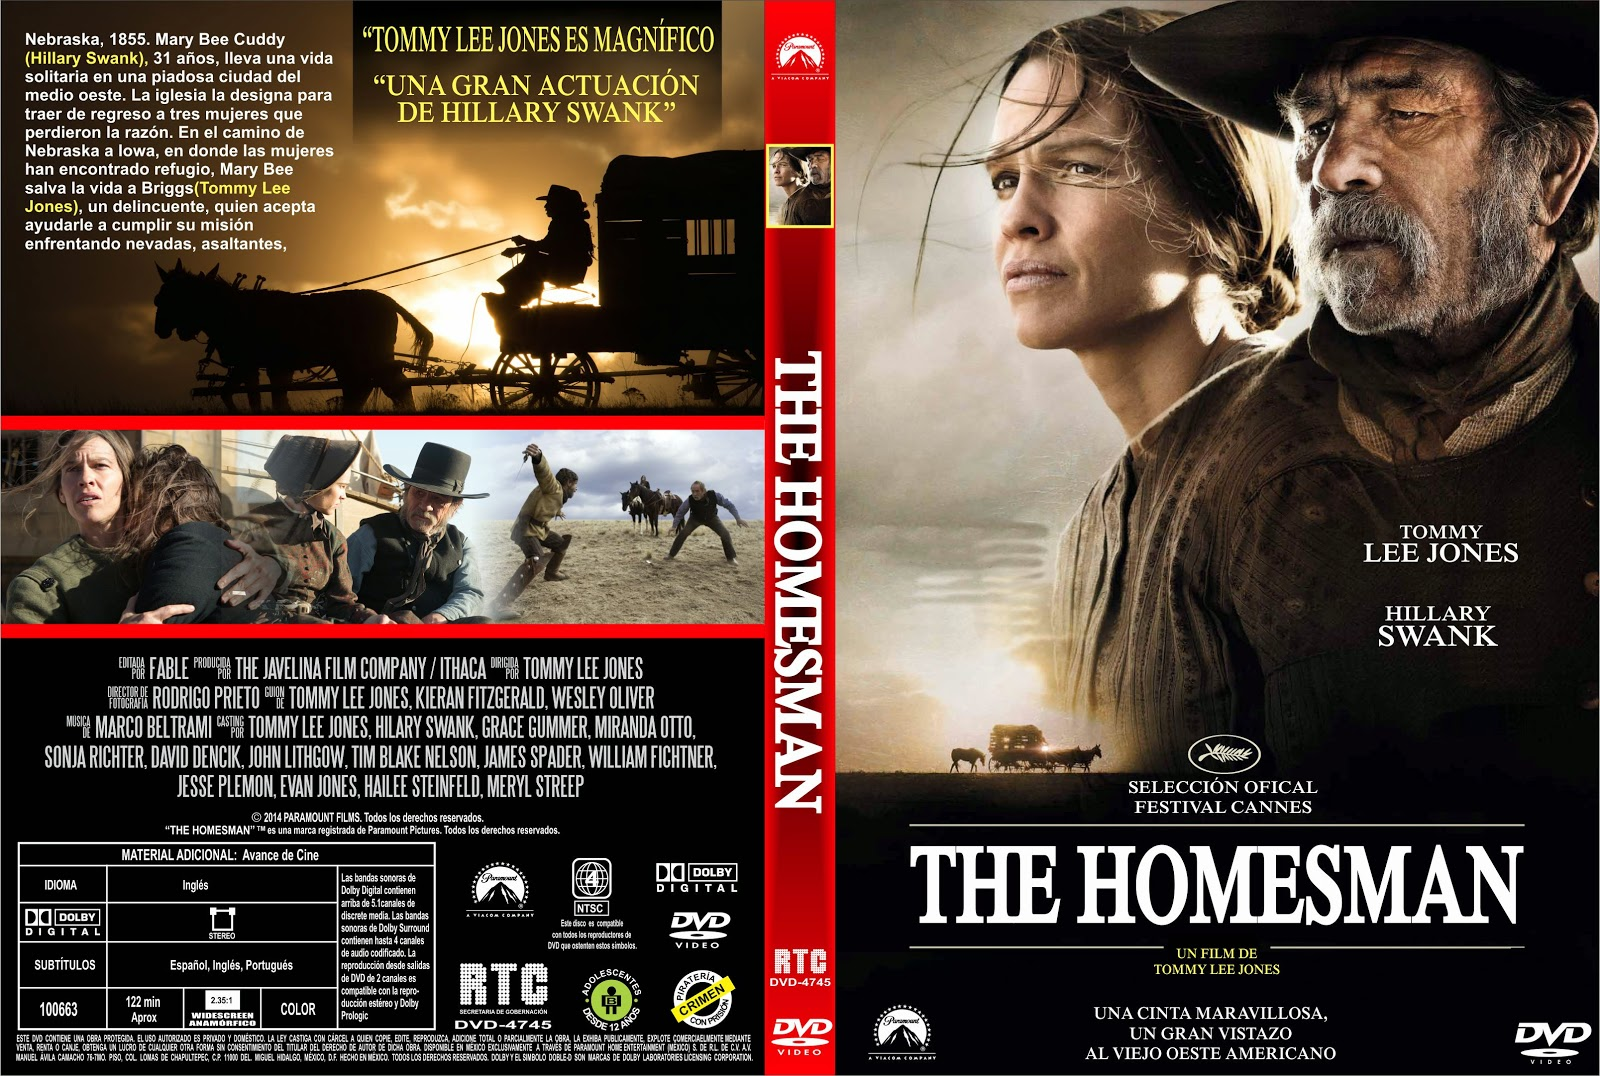 Download Dívida de Honra DVDRip XviD Dual Áudio THE 2BHOMESMAN 2BDVD 2BCOVER 2BESPA C3 91OL 2BPBETADOS 2B2014